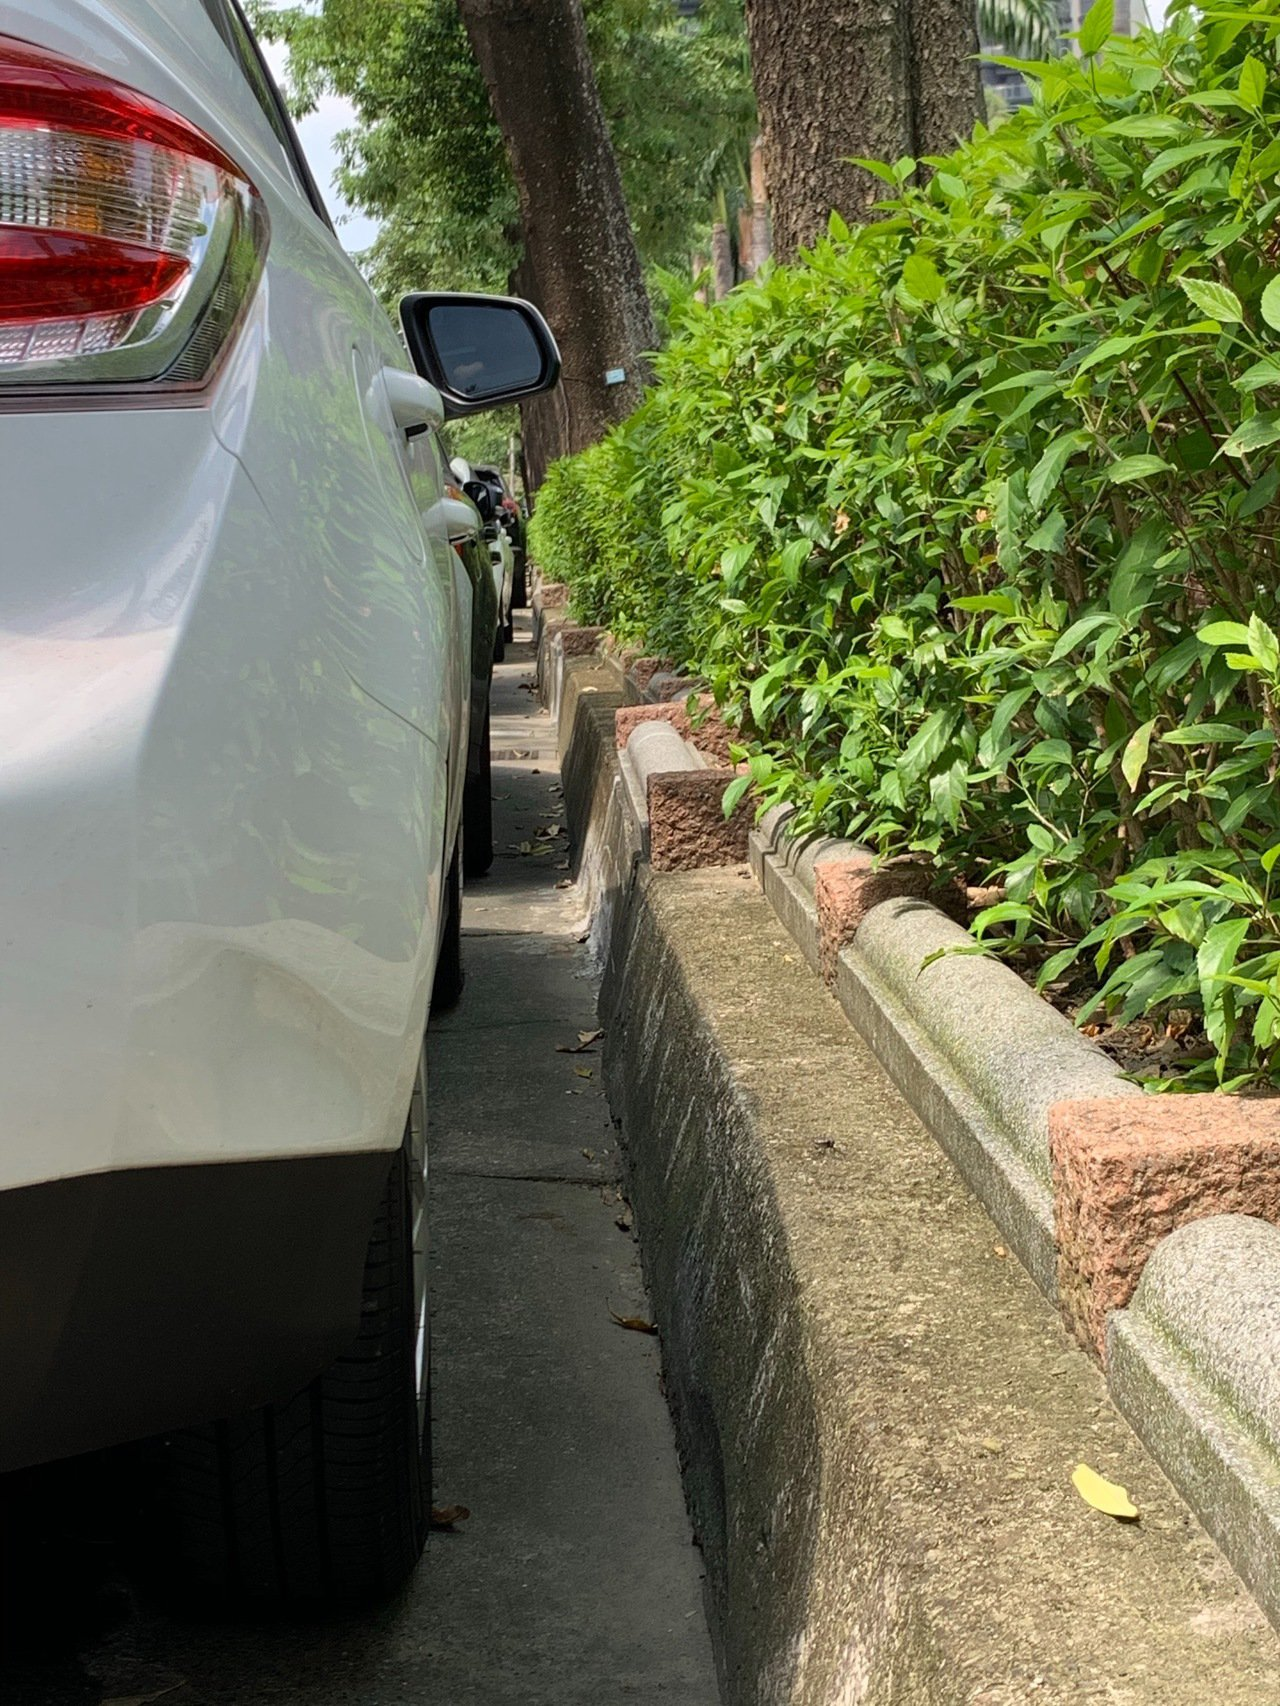 台中市文心森林公園鄰大墩七街路邊停車格,施作路平專案後,因塗銷快慢車道分隔線,路...